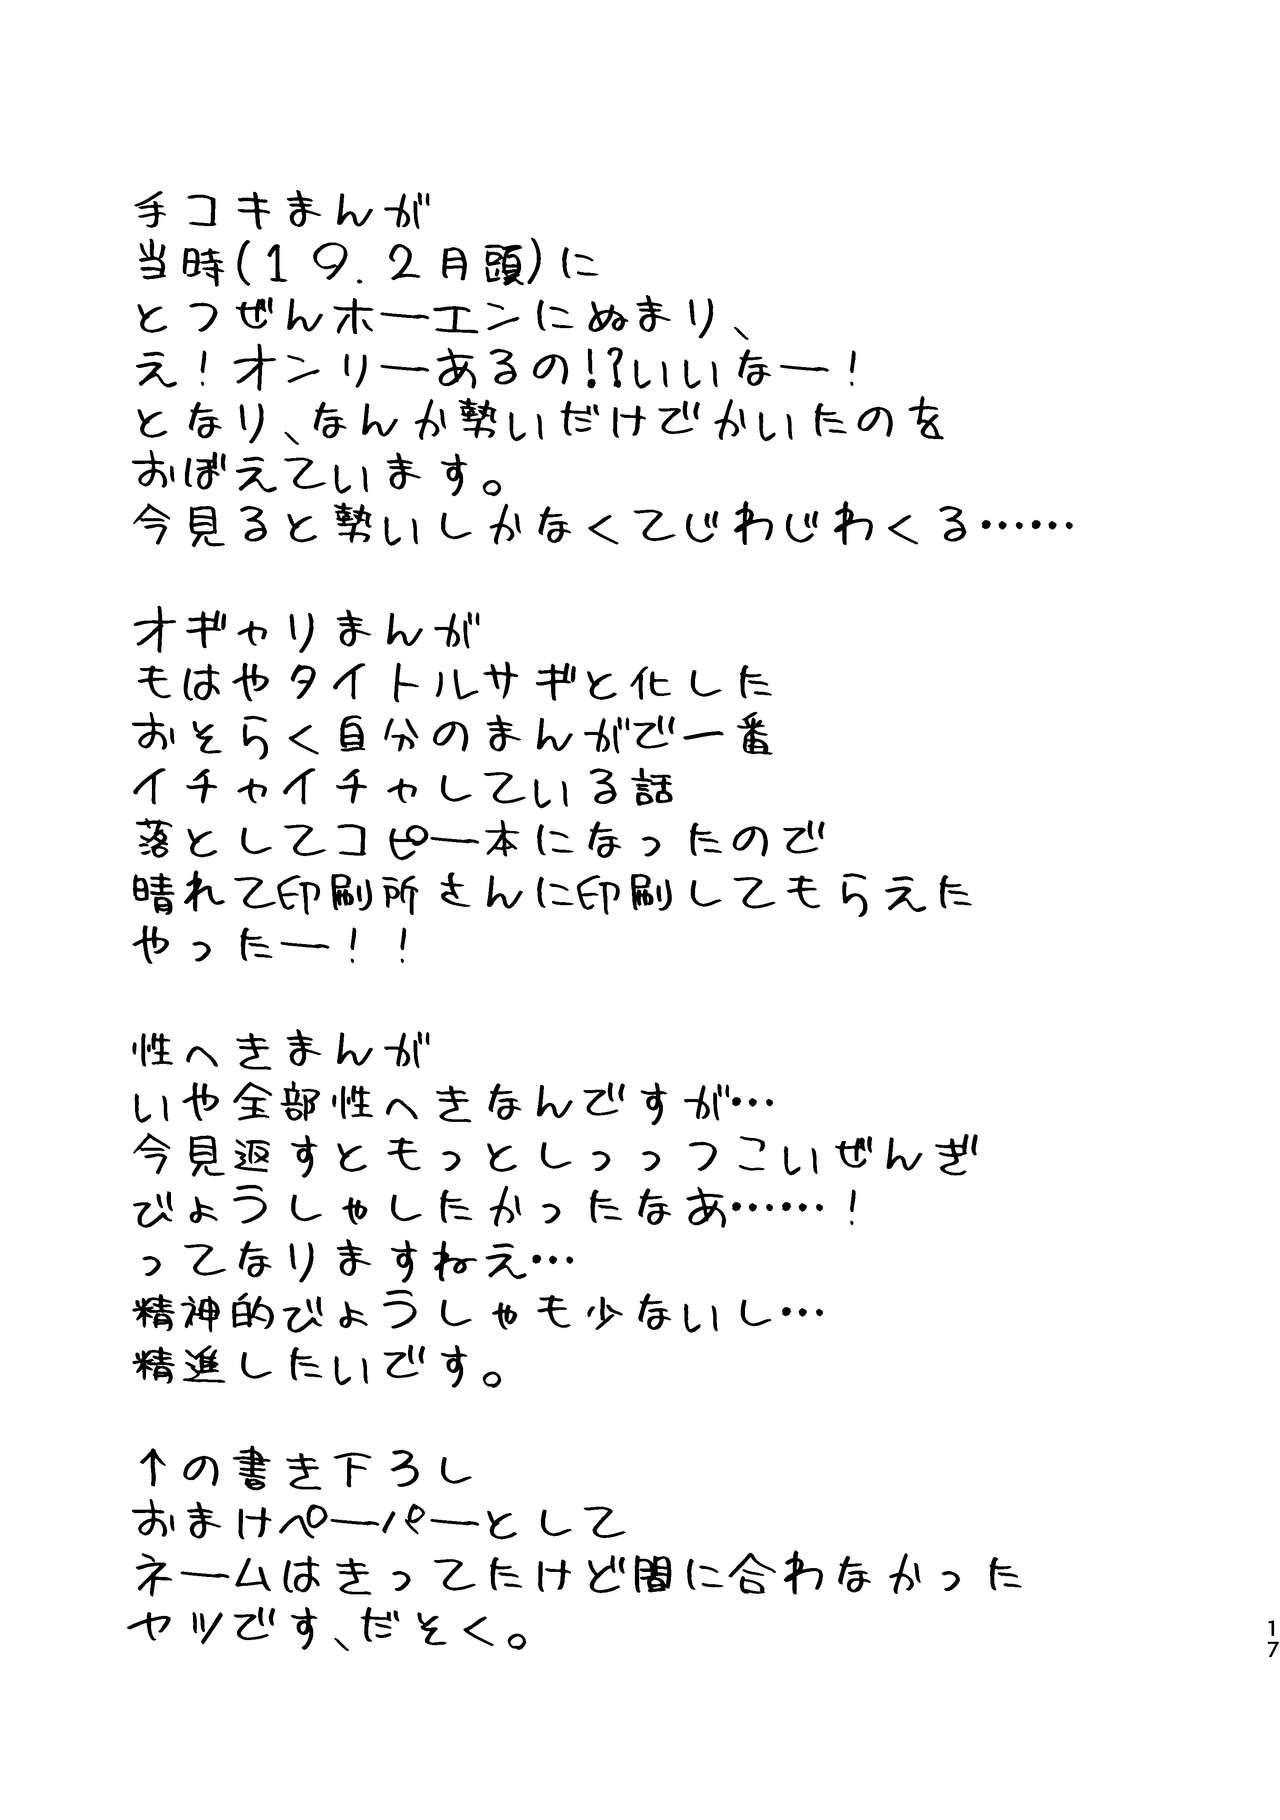 WEB Sairoku Zumi HawEn Manga ga Kami demo Yomeru Hon. 16